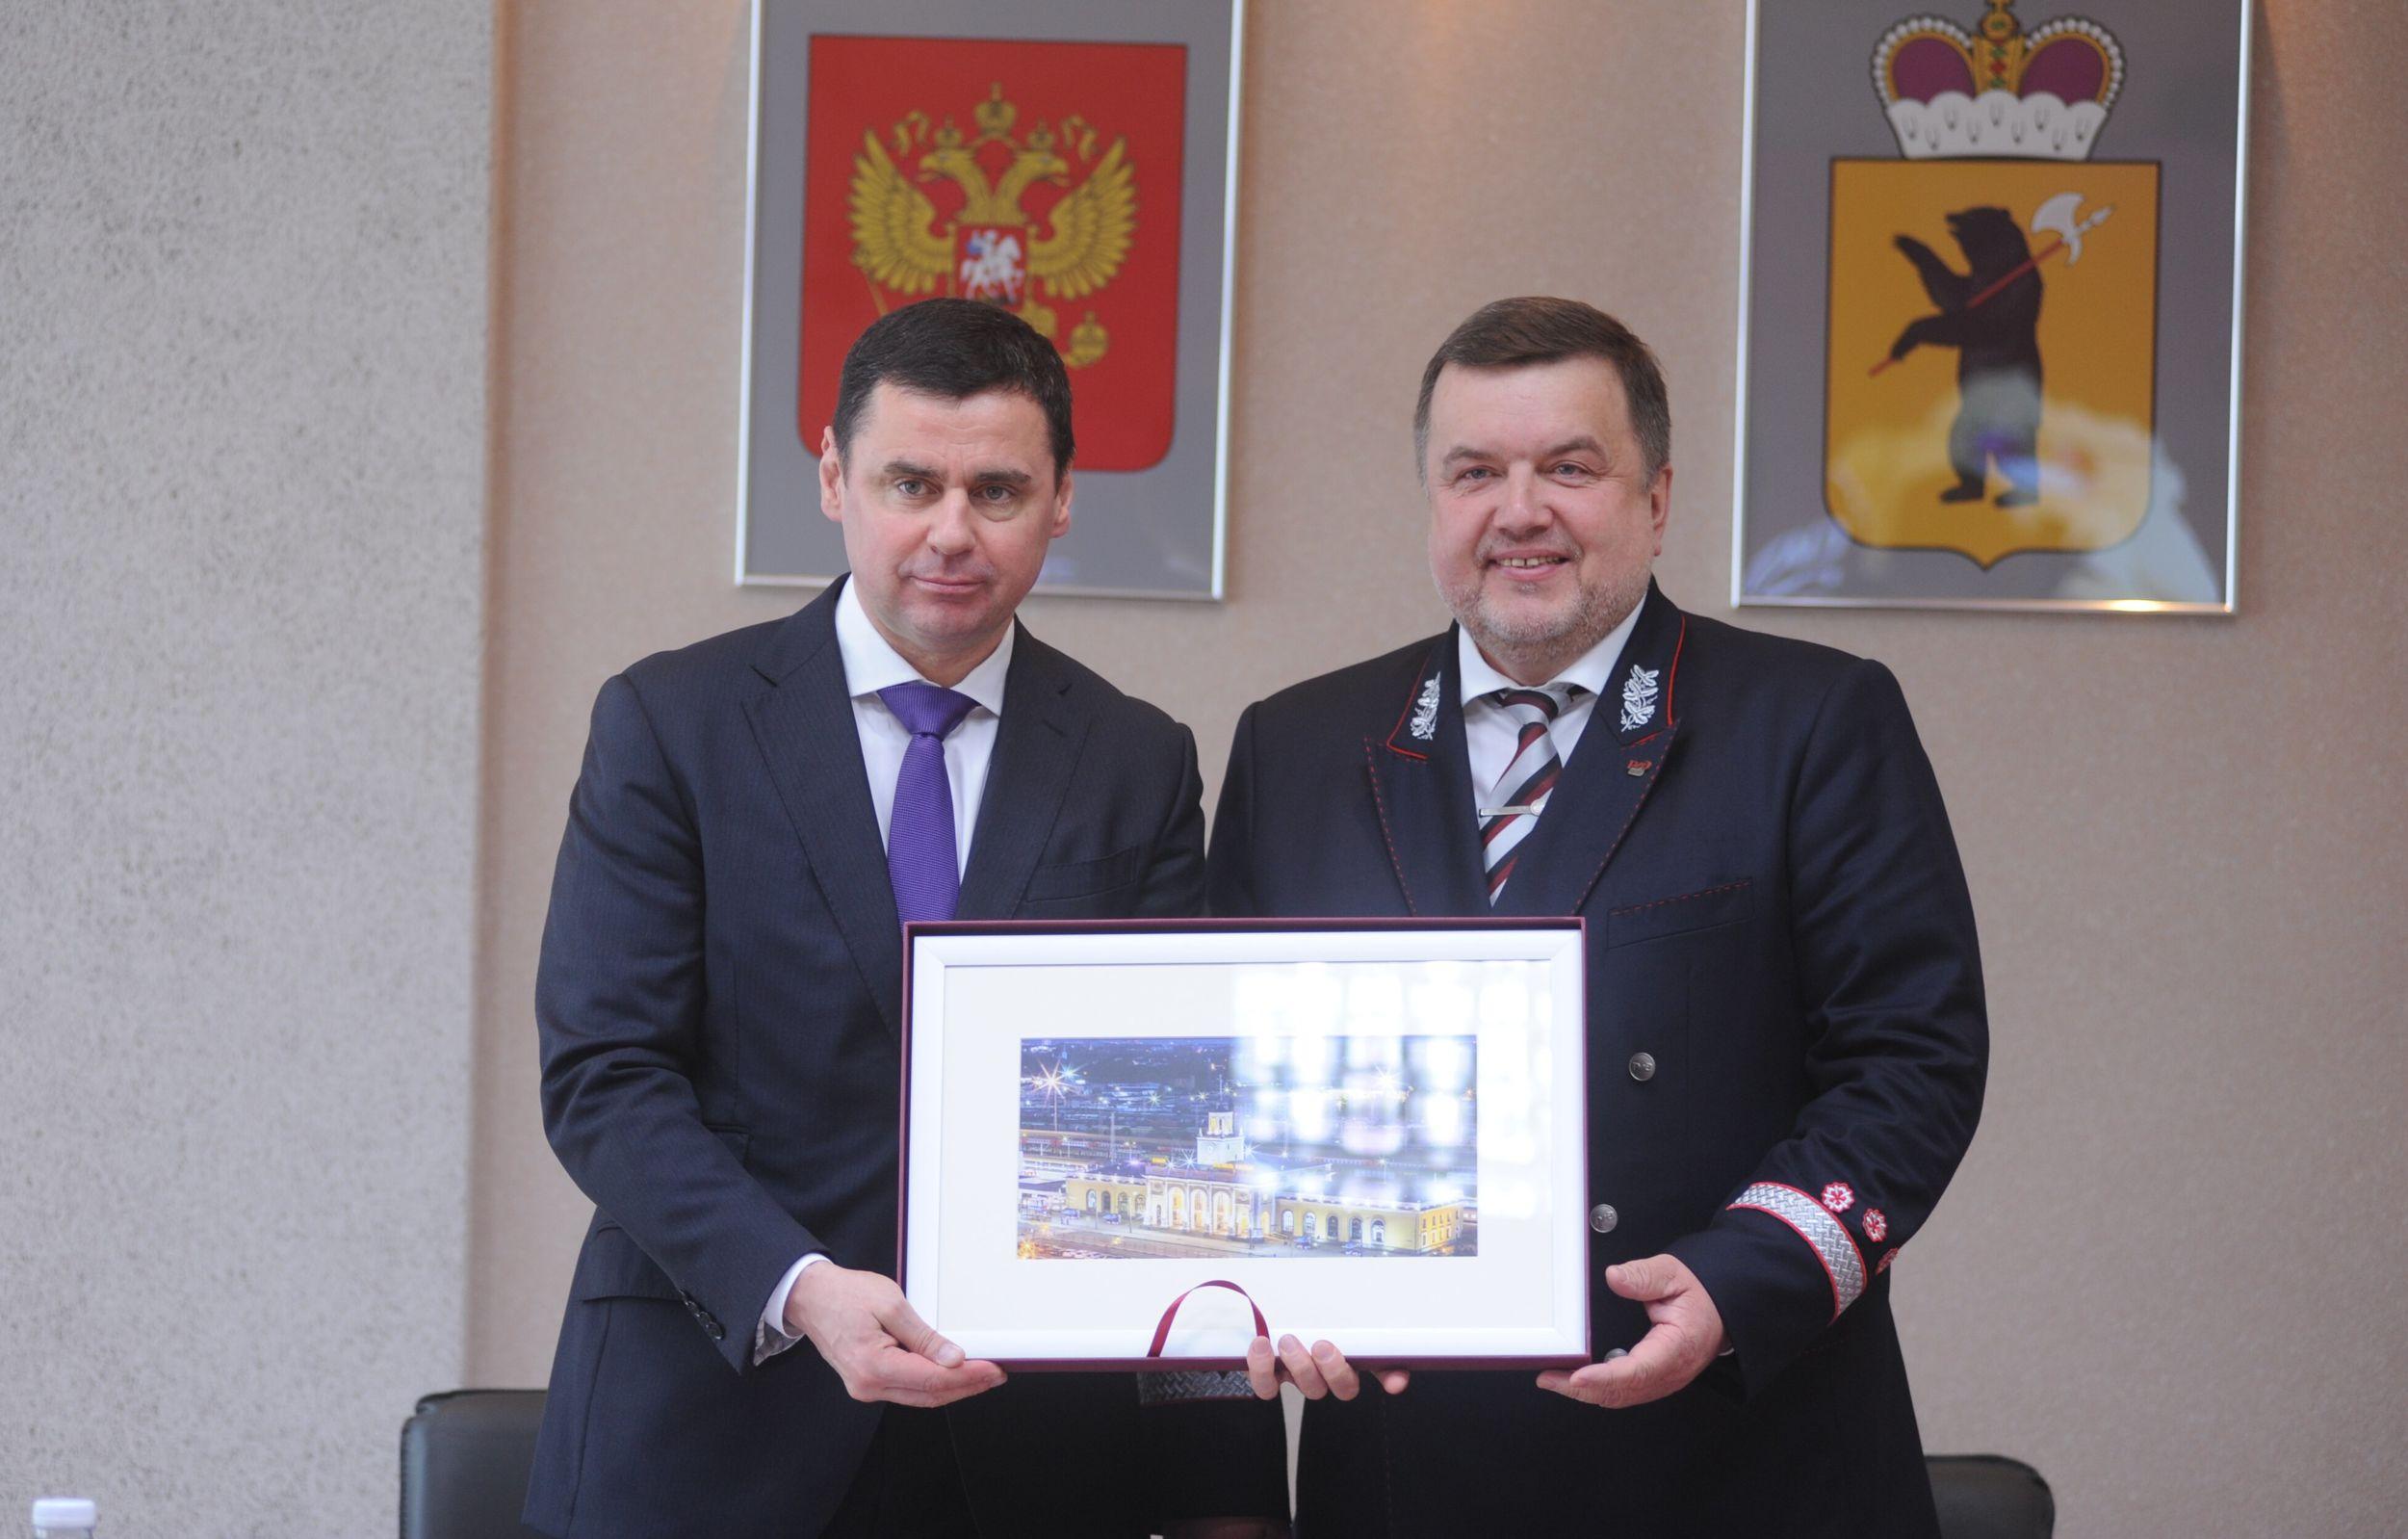 Ярославской области выделят 8 млрд. рублей на развитие железных дорог – Миронов